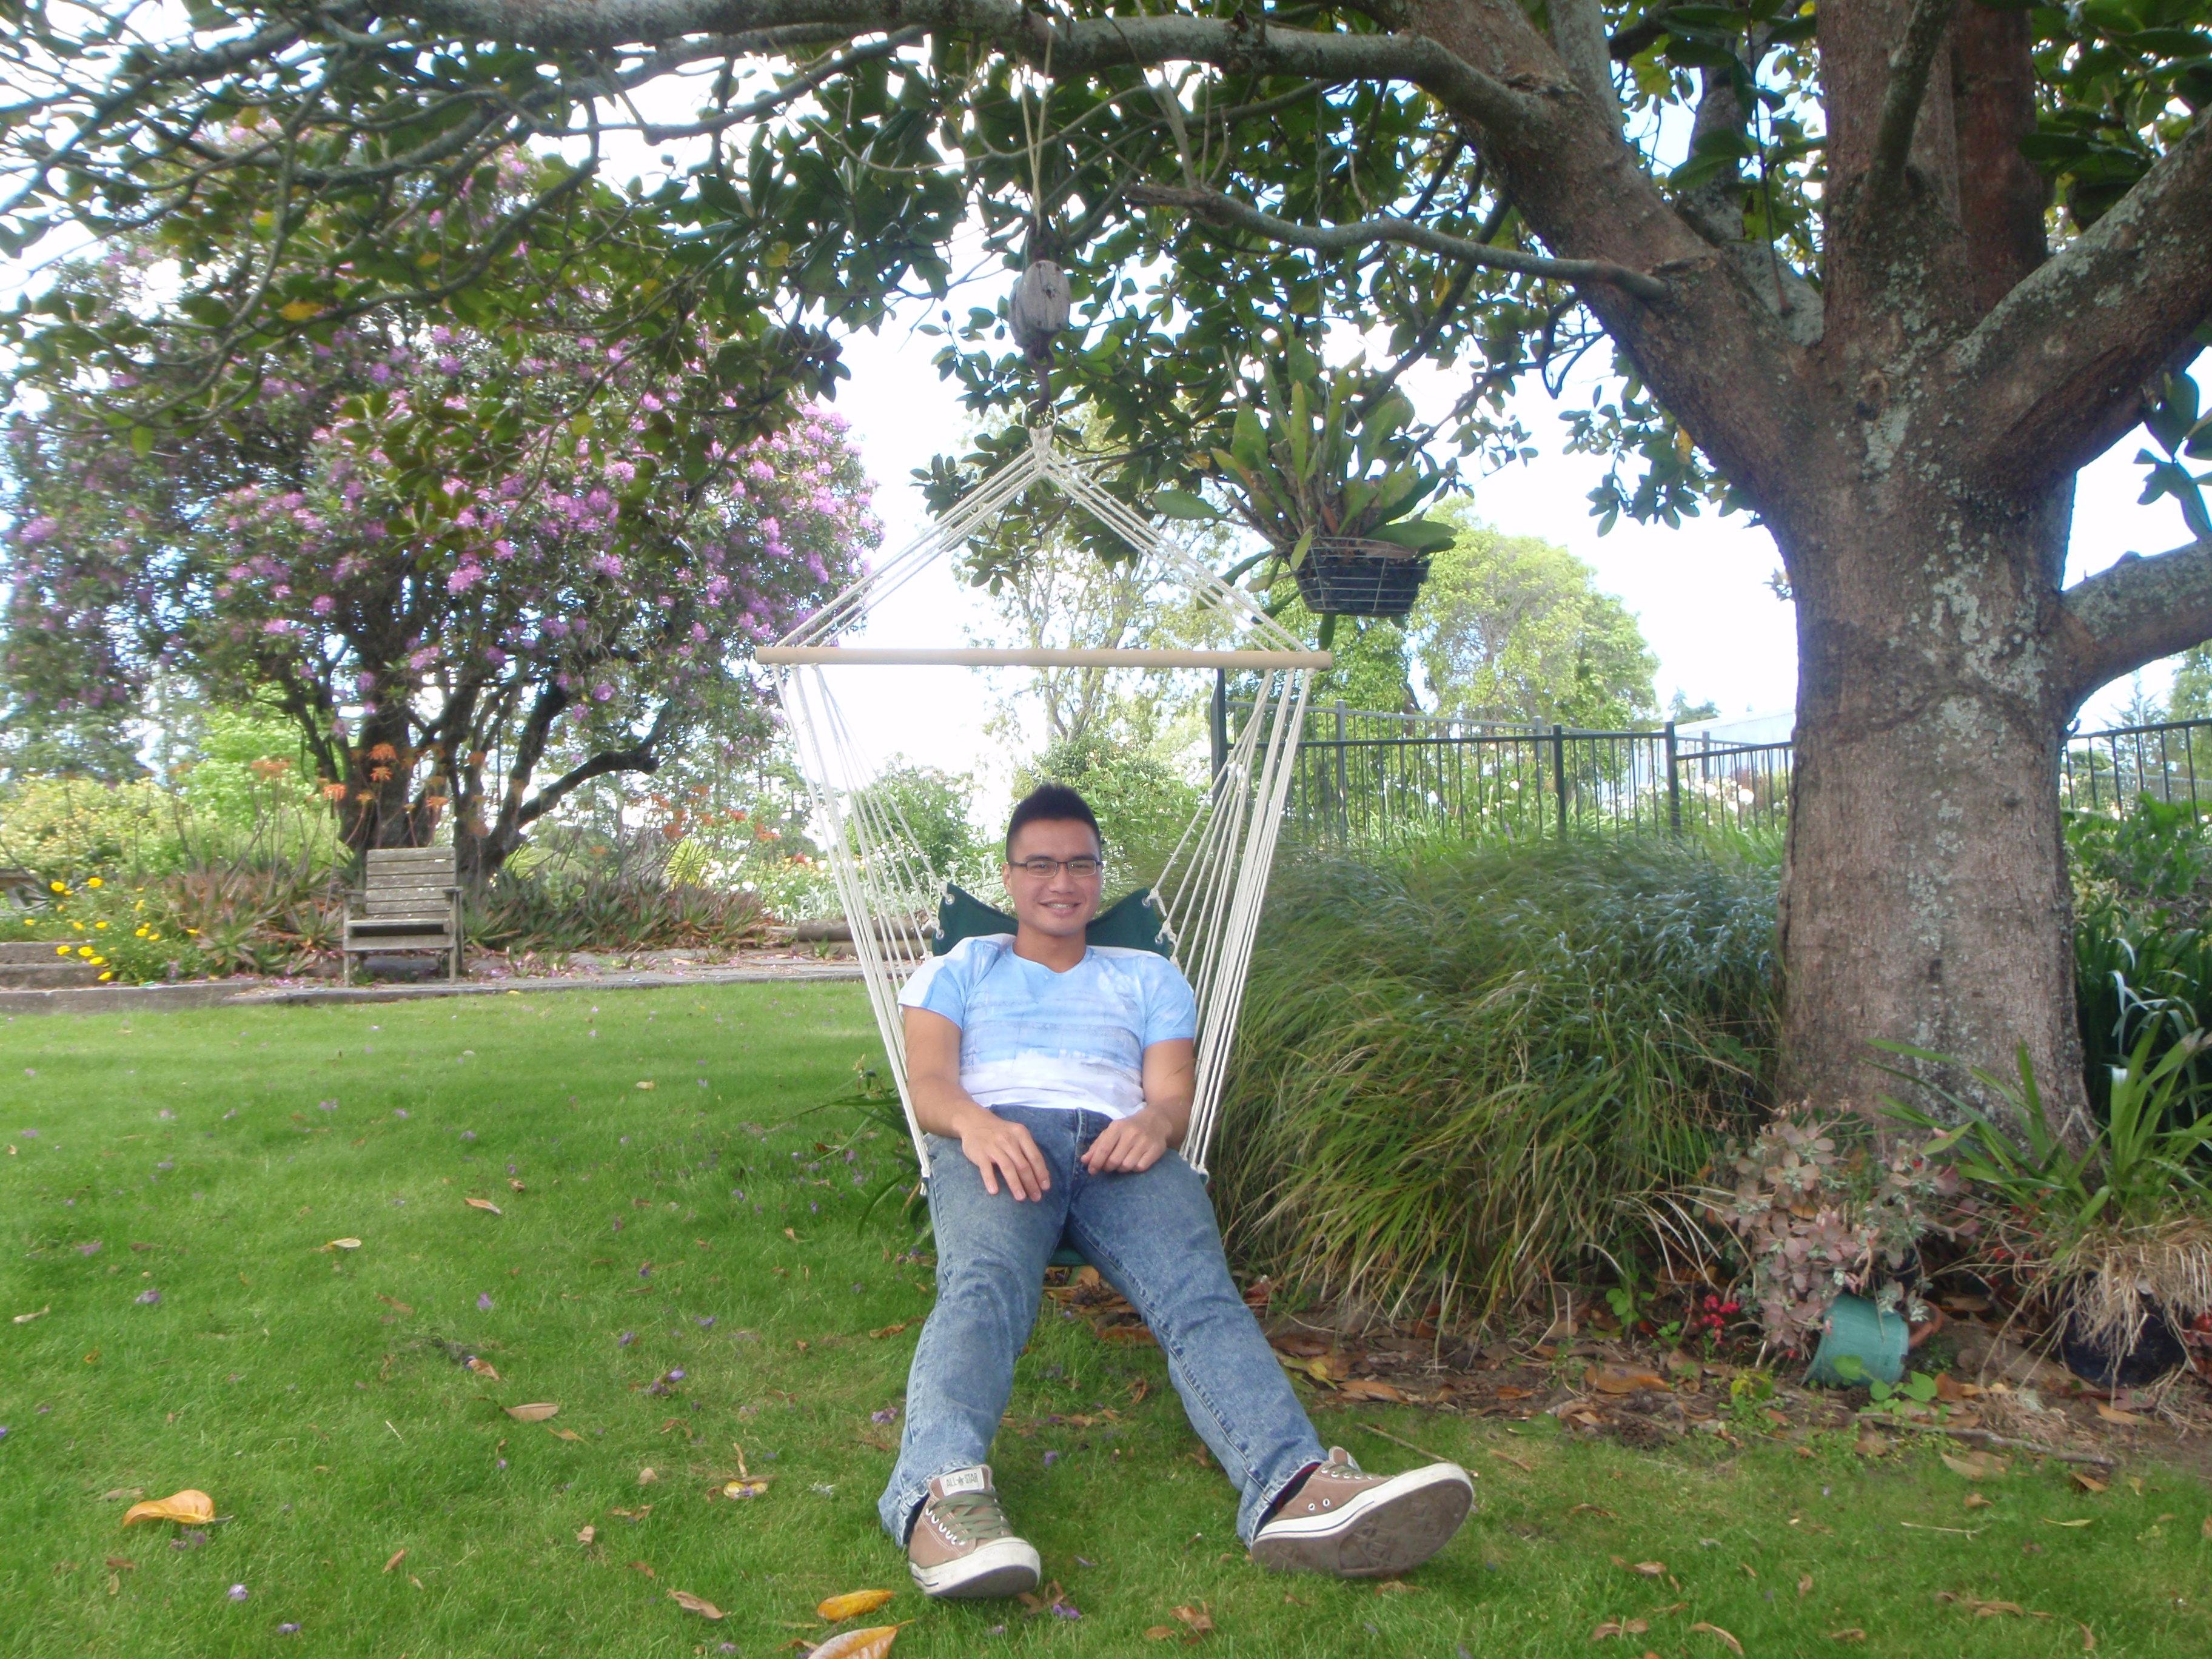 Guest enjoying the garden hanging chair